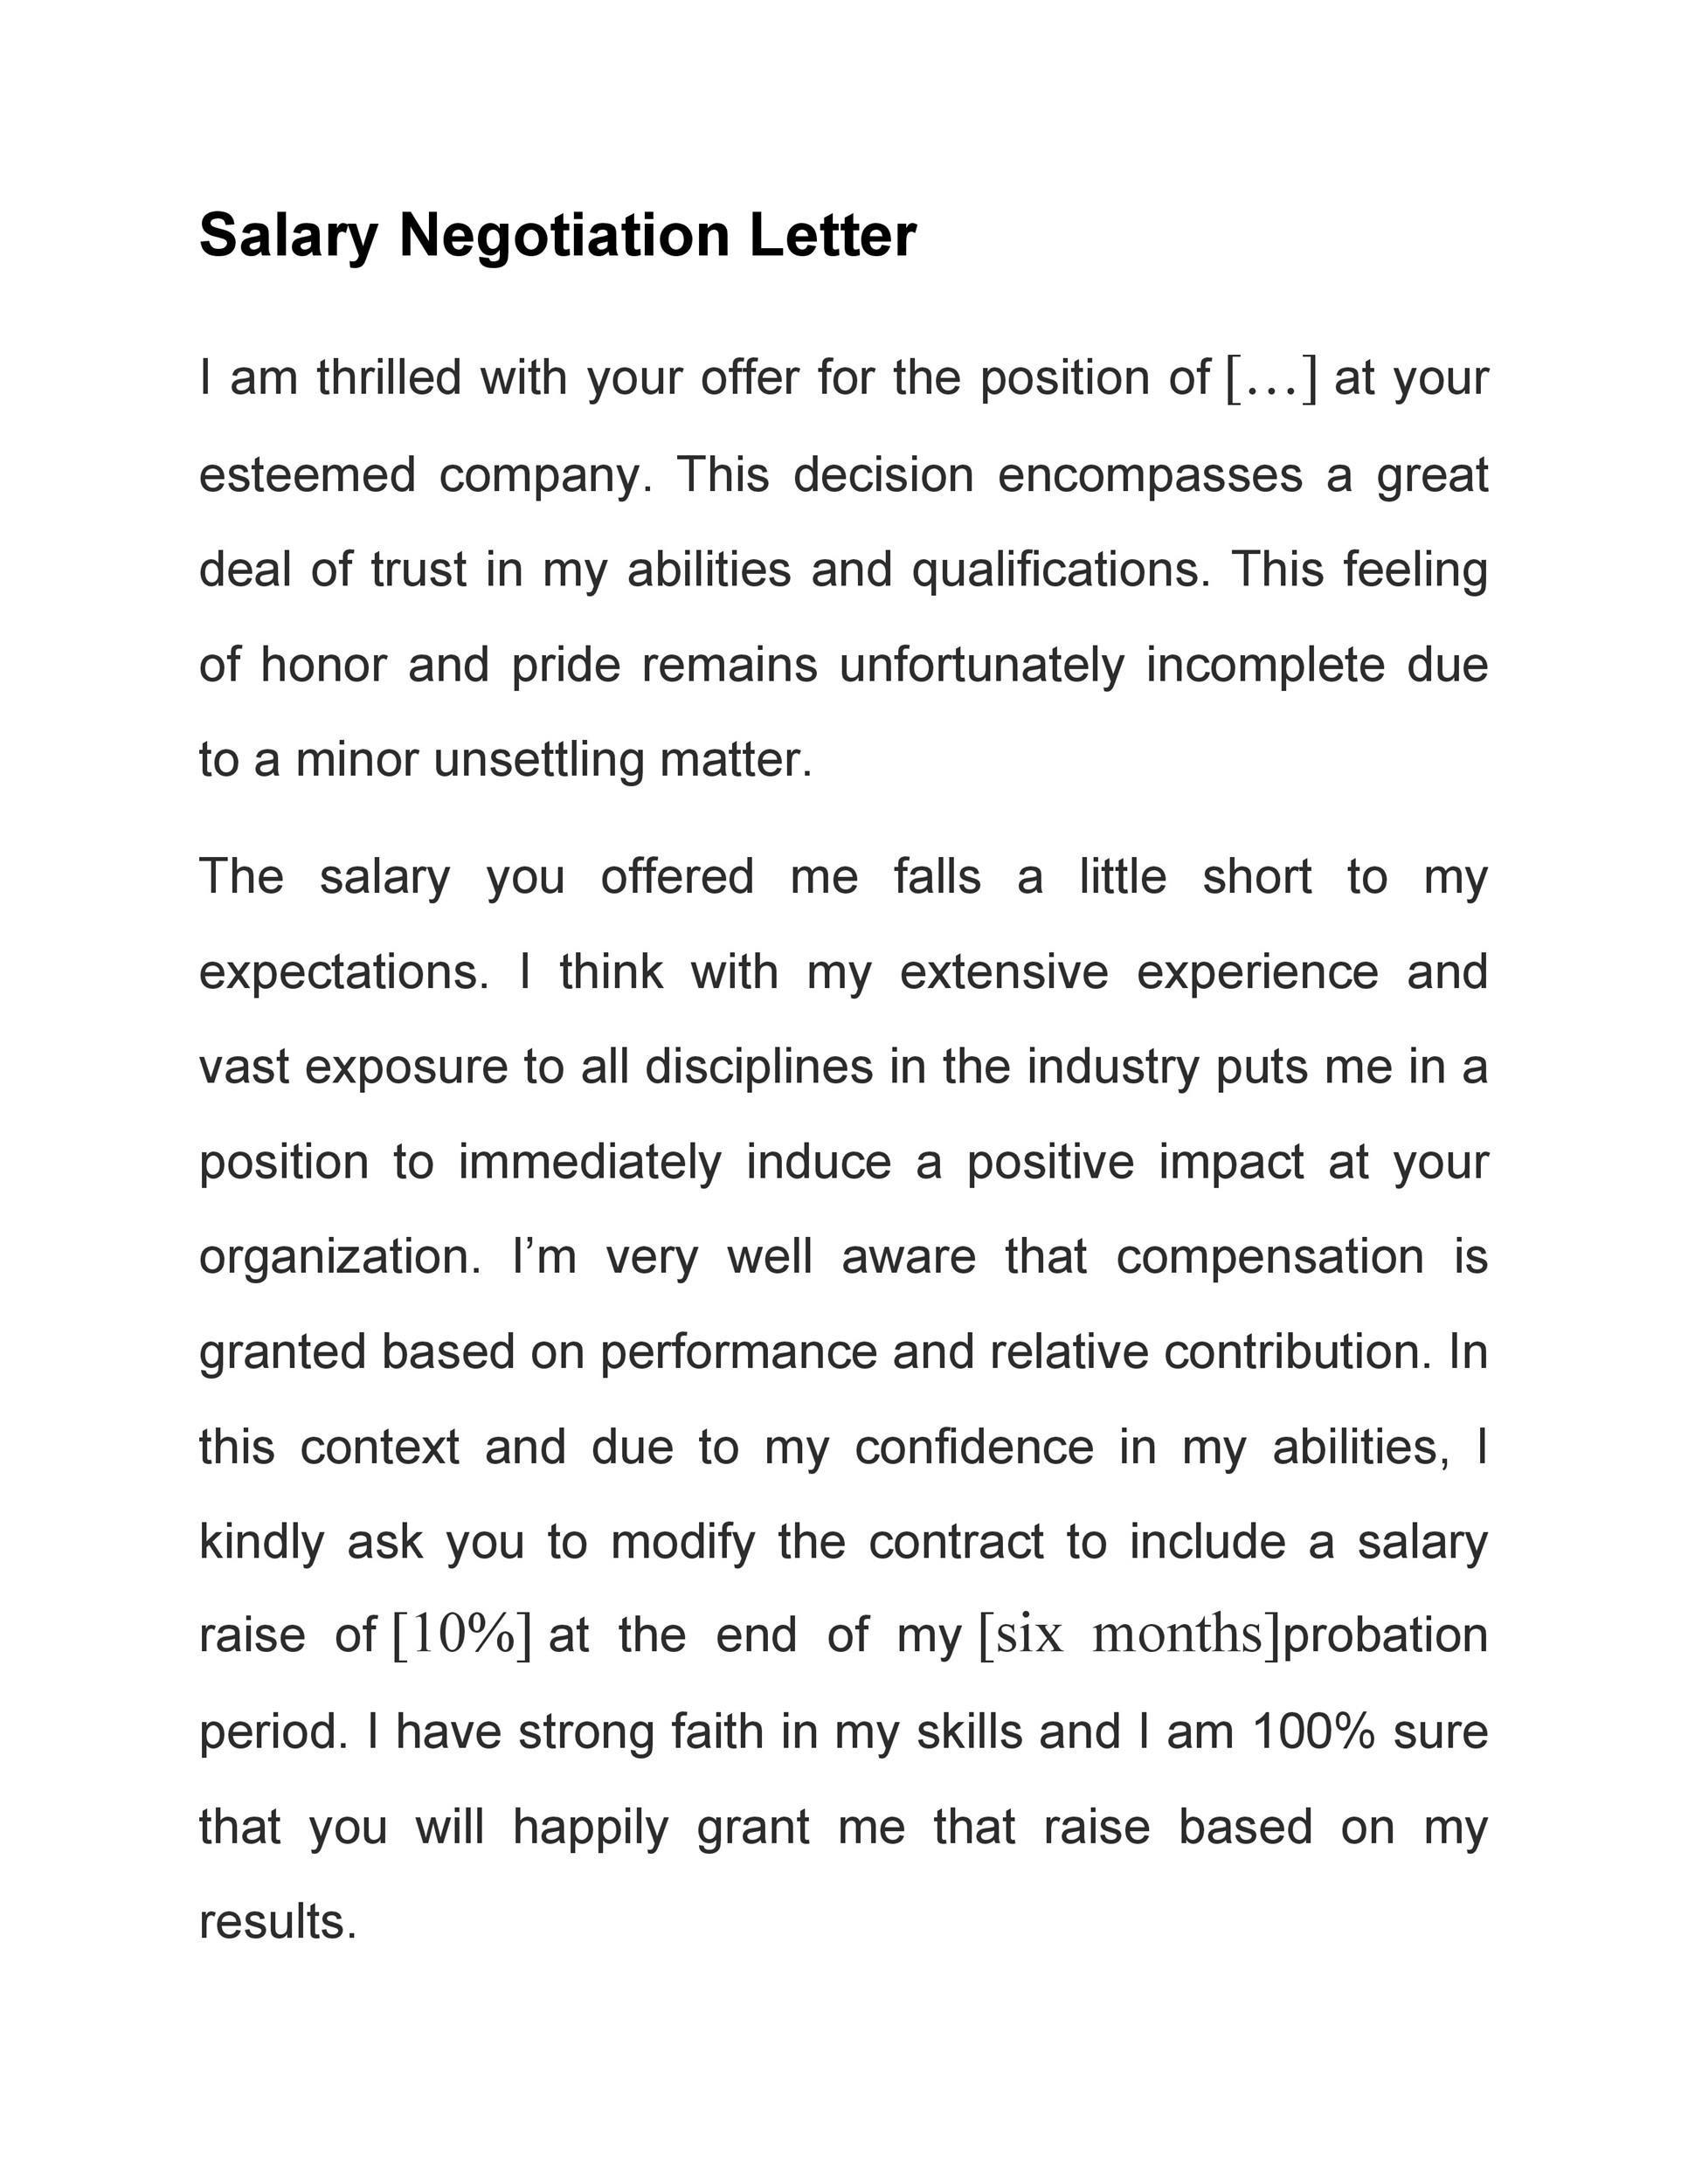 Lettre gratuite pour les négociations salariales 25